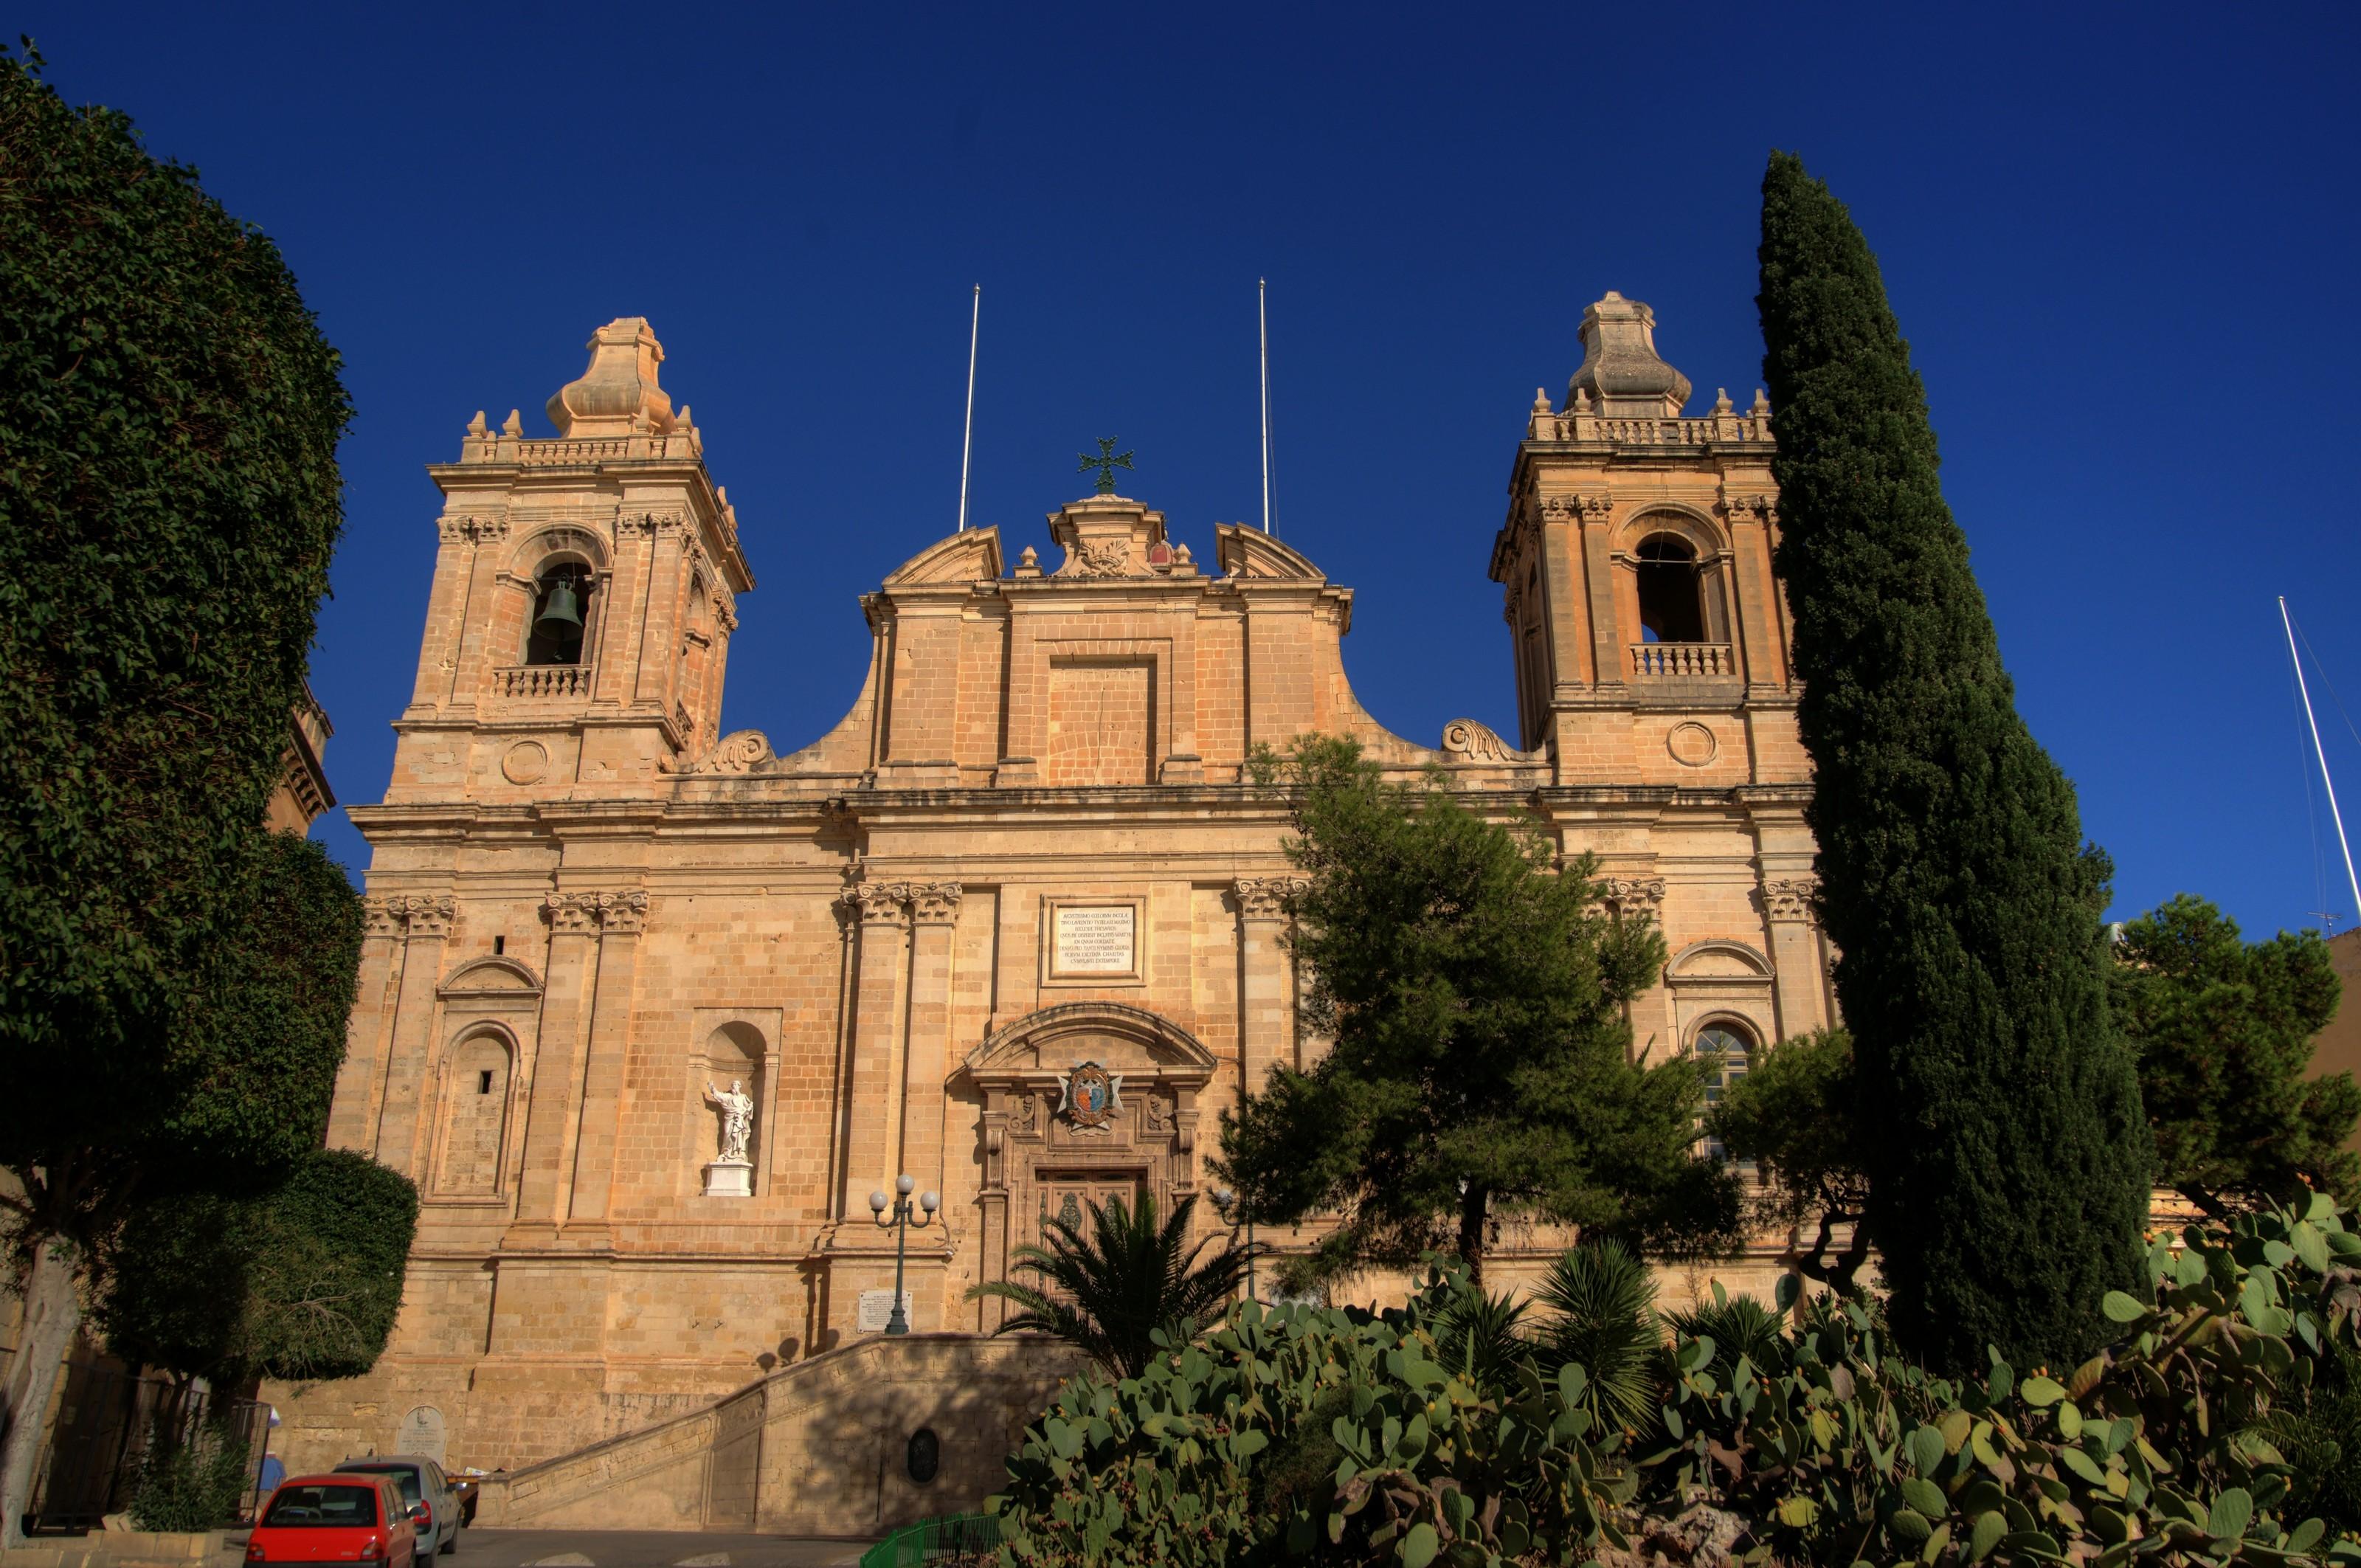 כנסיית לורנצו הקדוש